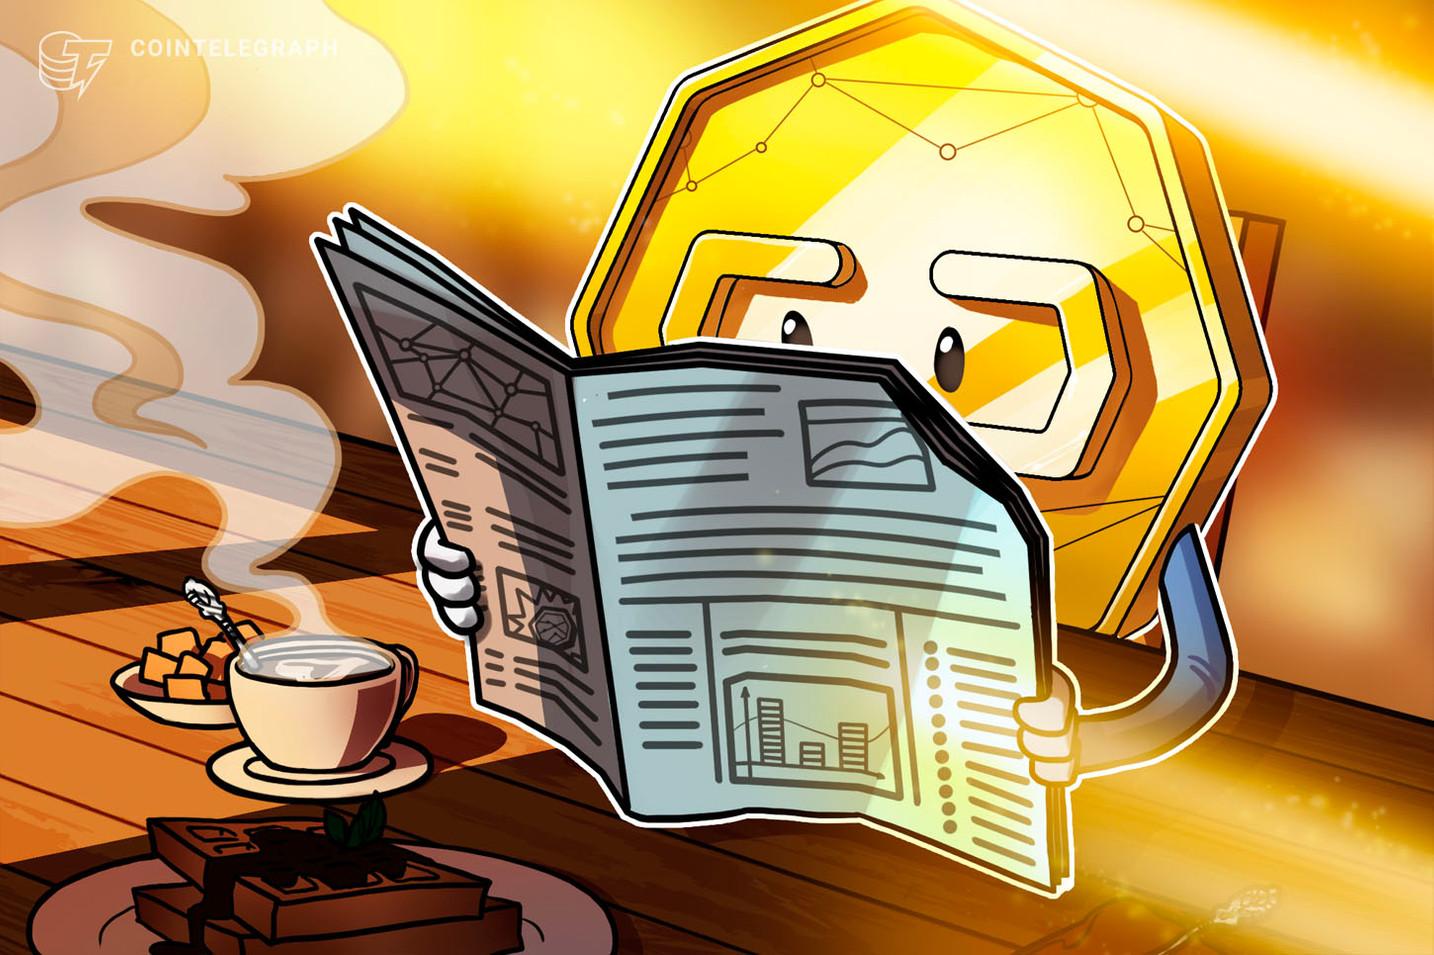 Polygon creerà un'organizzazione autonoma decentralizzata (DAO)